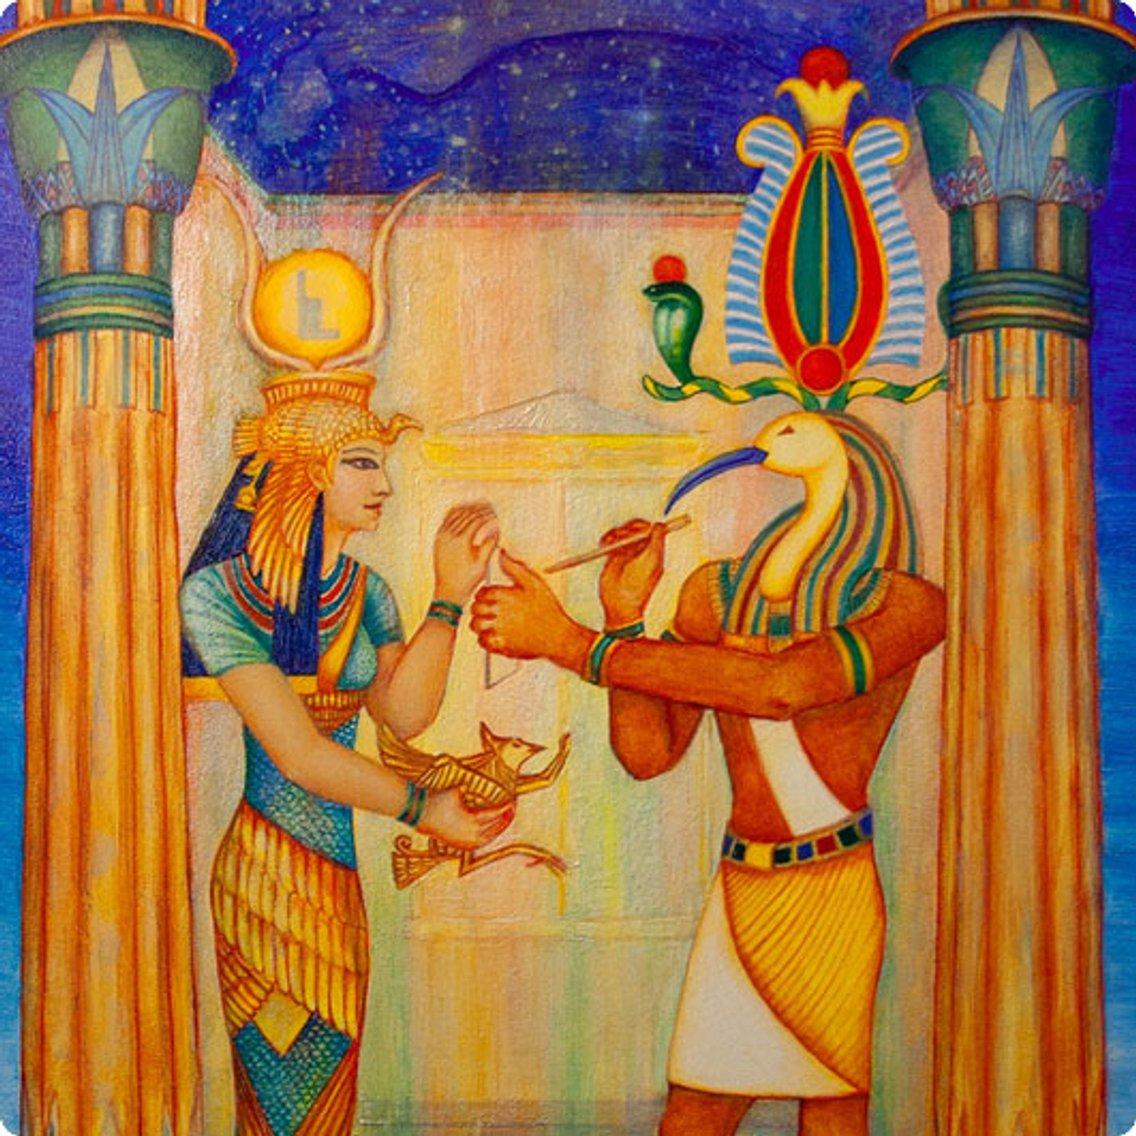 Le Tavole di Thoth  [lettura e commento] - Cover Image